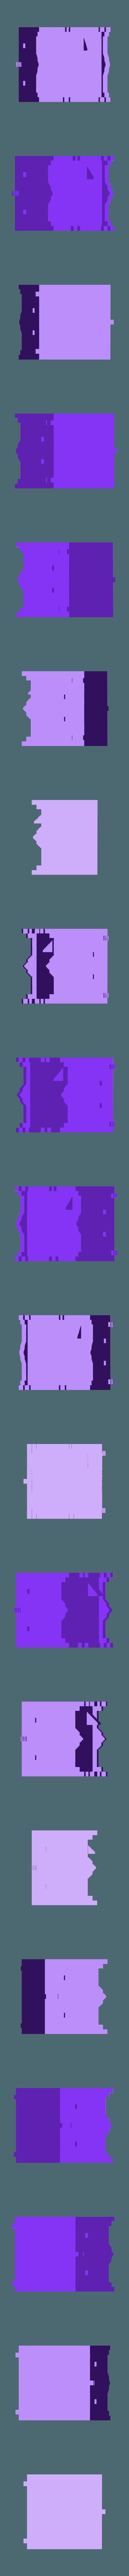 Desert House.stl Télécharger fichier STL gratuit Maison du Désert • Objet imprimable en 3D, kylekotyk